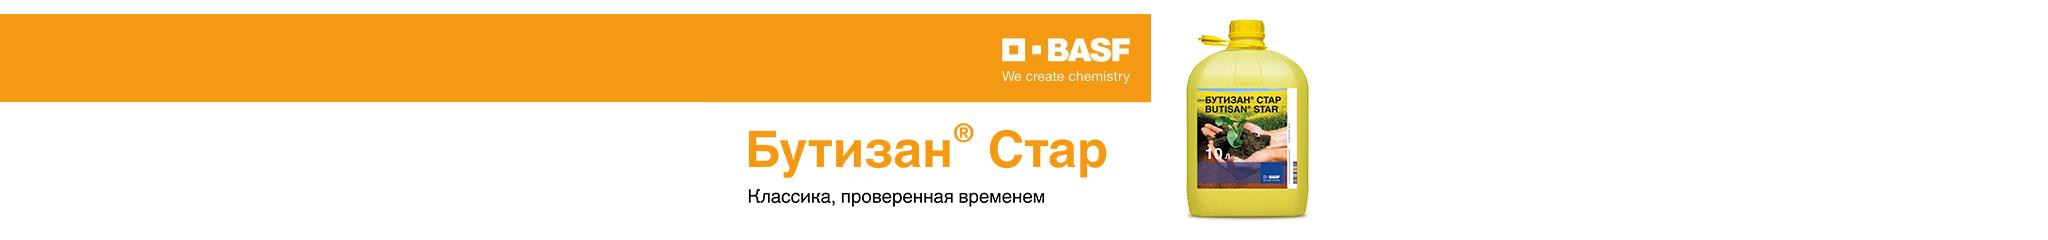 БУТИЗАН СТАР, КС